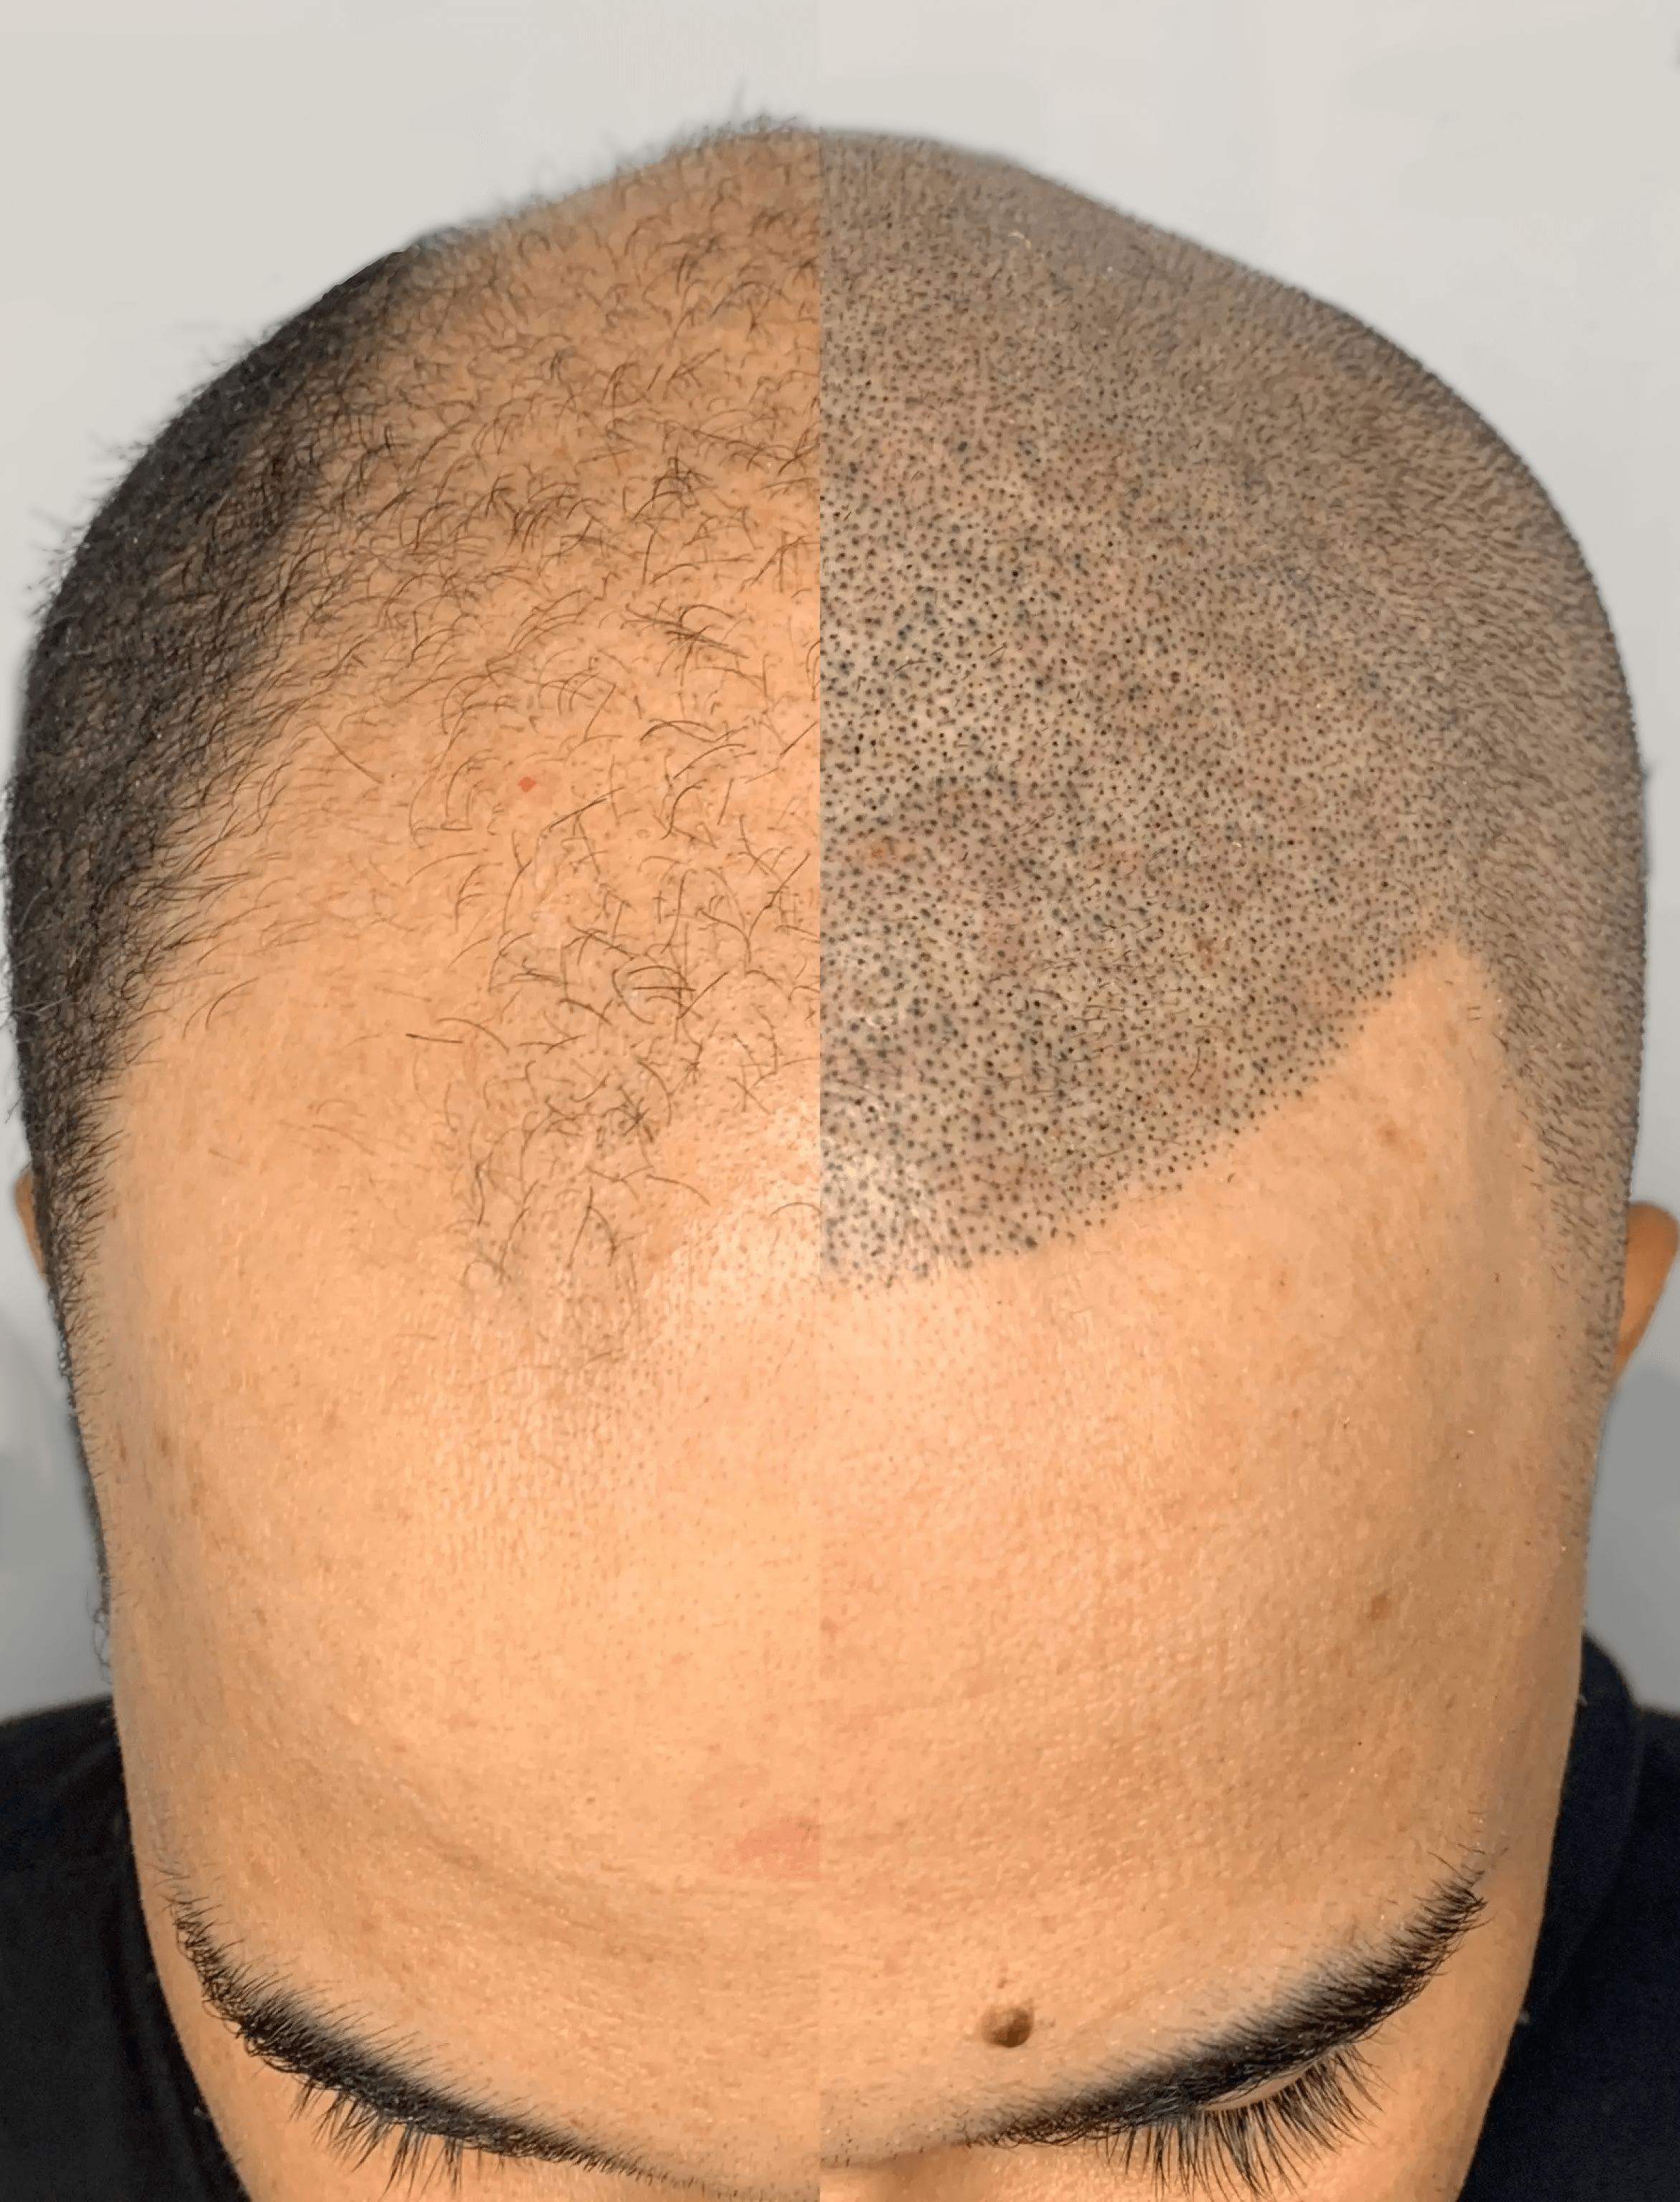 Mikropigmentáció eredménye előtte-utána fele-fele képpel szemléltetve.